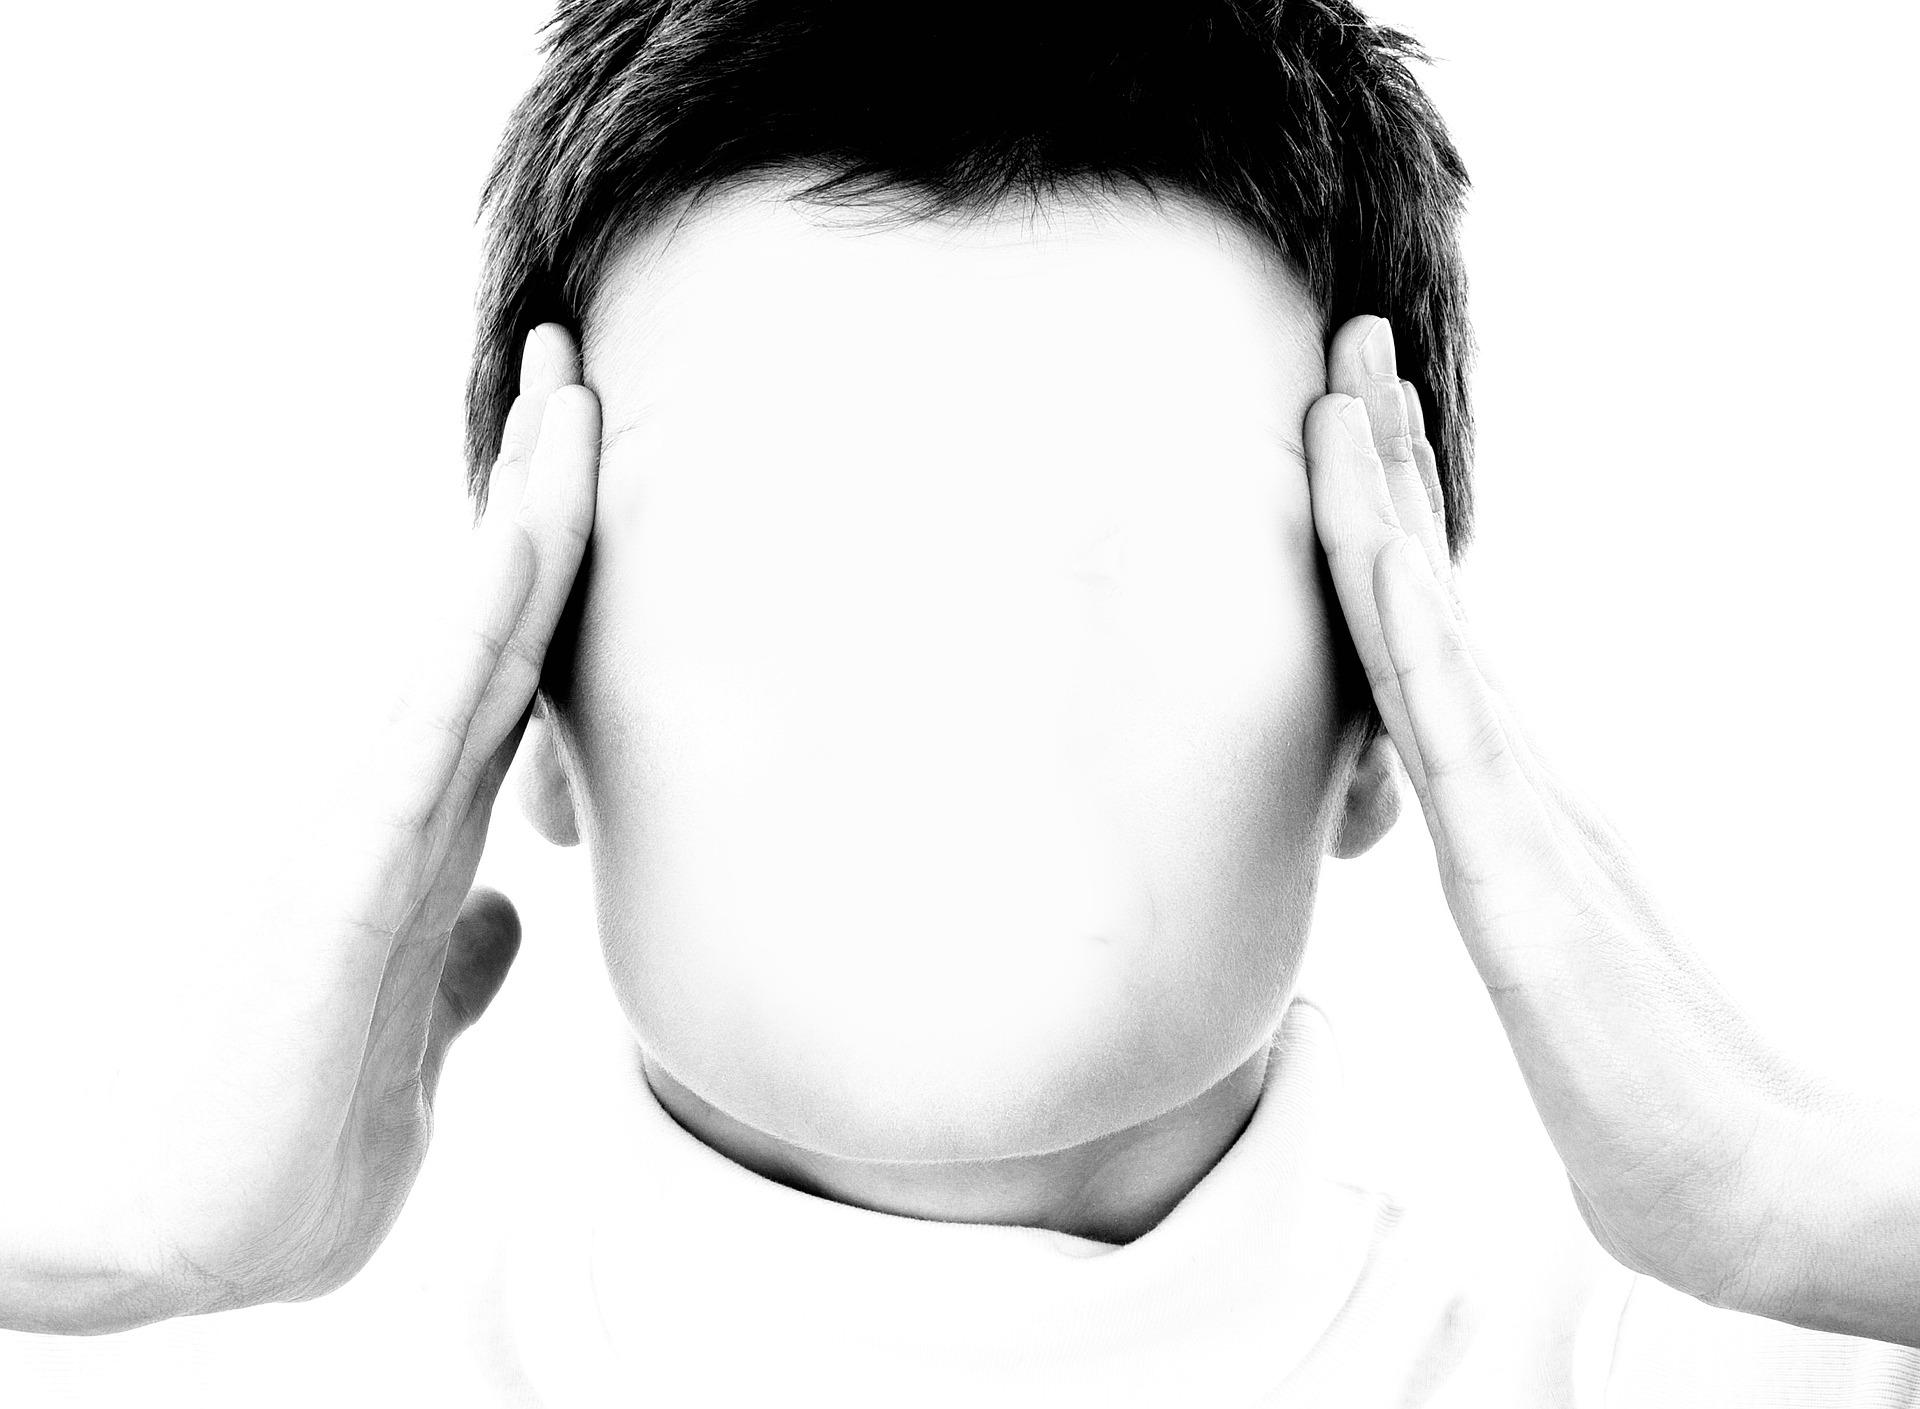 estres-laboral-sintomas ¿Conoces los síntomas del estrés laboral?